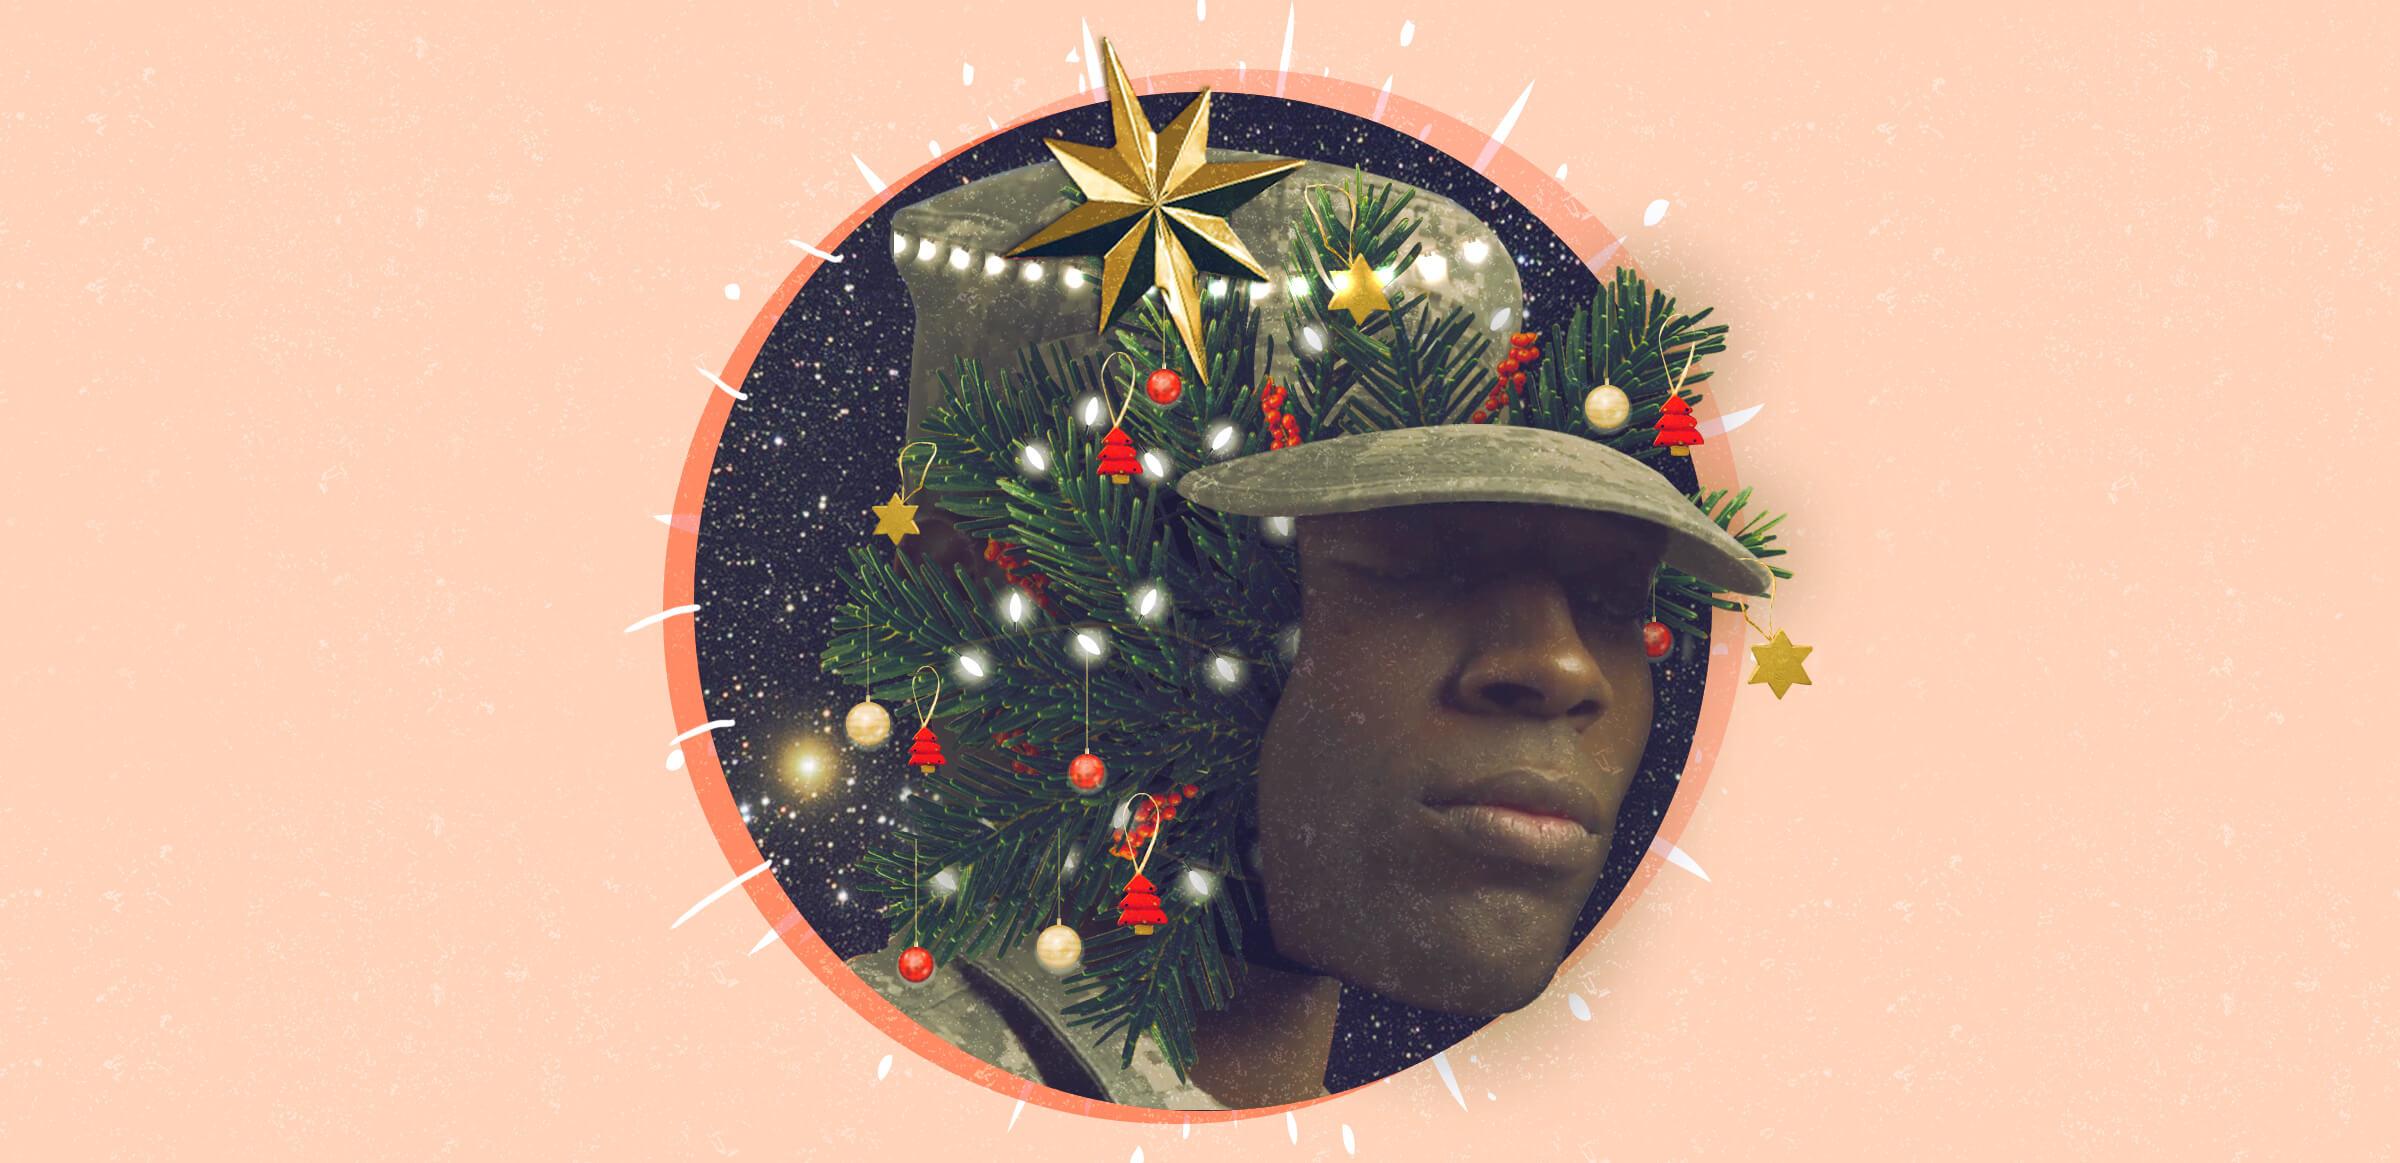 Así pasaban la navidad soldados y guerrilleros